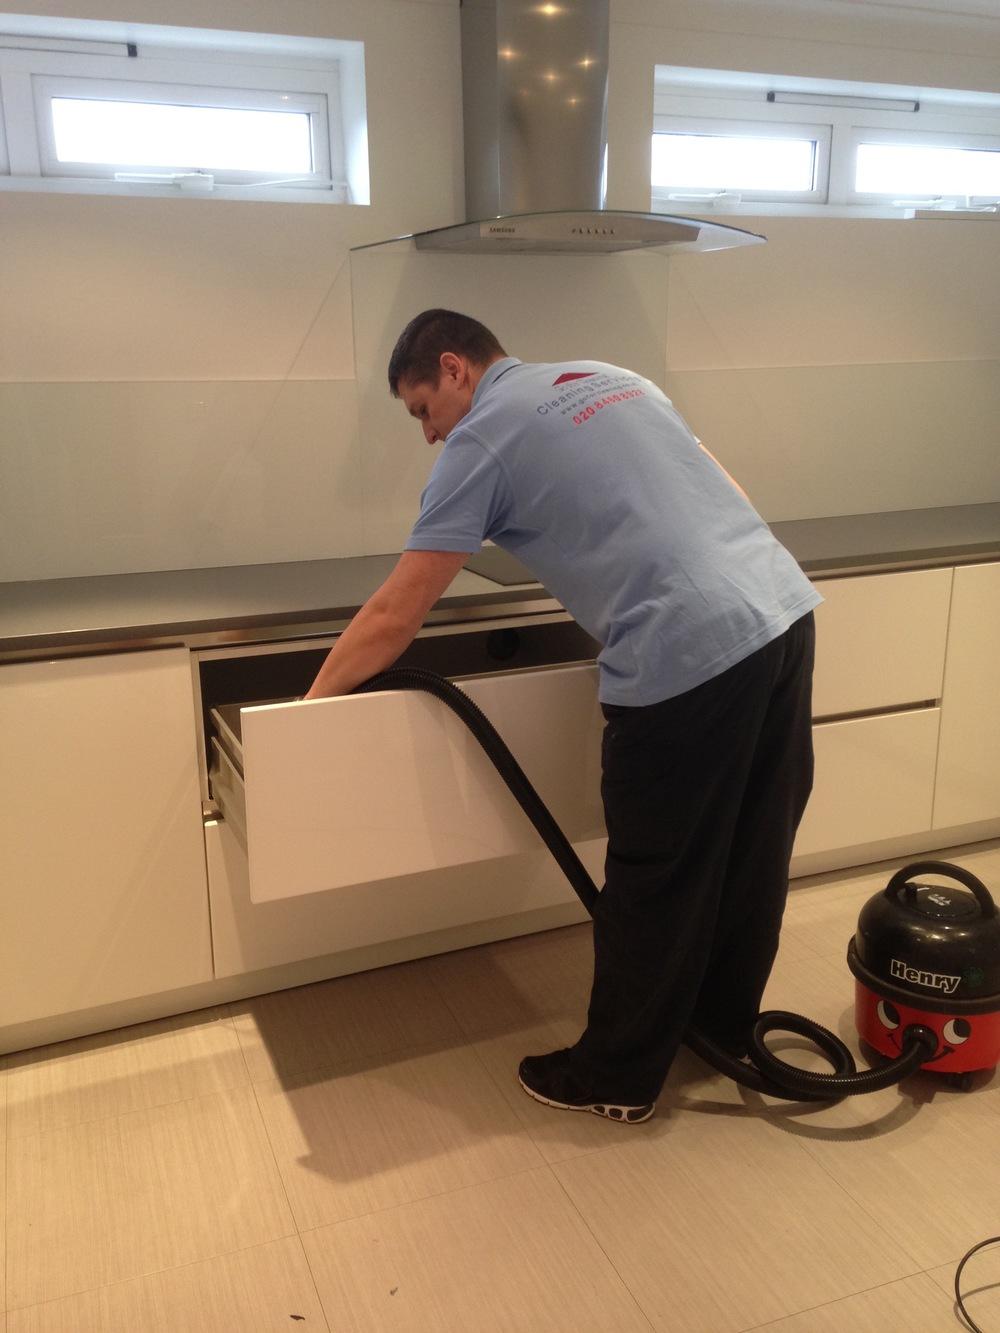 cleaner hoovering cupboards.jpg